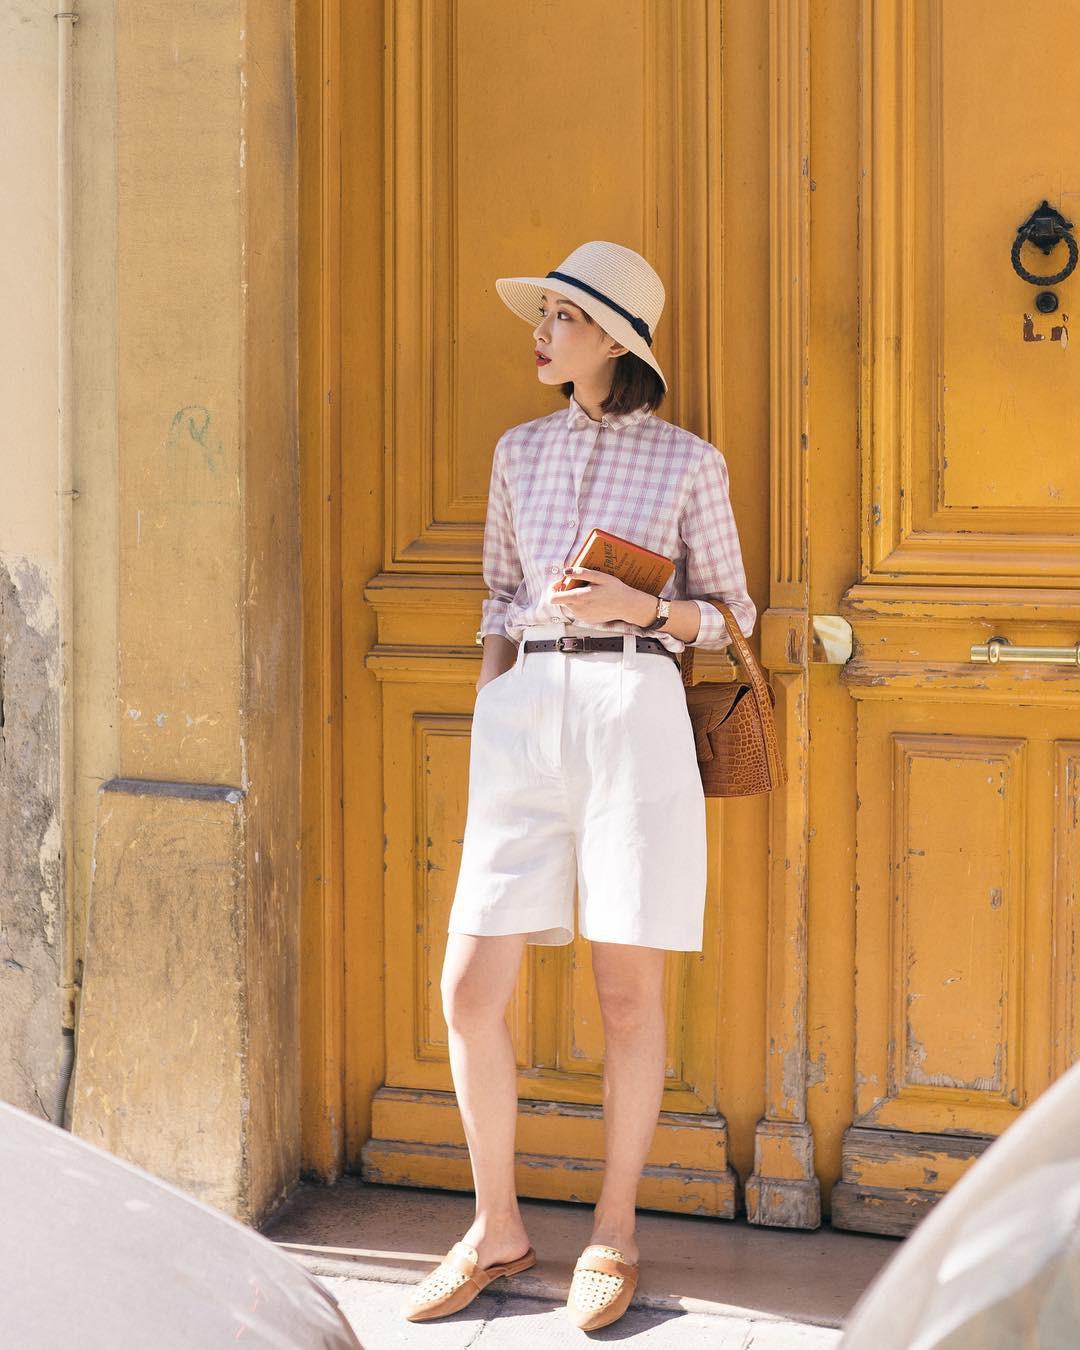 Nóng quá thì nàng công sở cứ mạnh dạn diện quần shorts nhưng để bảo toàn sự tinh tế, hãy tham khảo vài tips sau - Ảnh 3